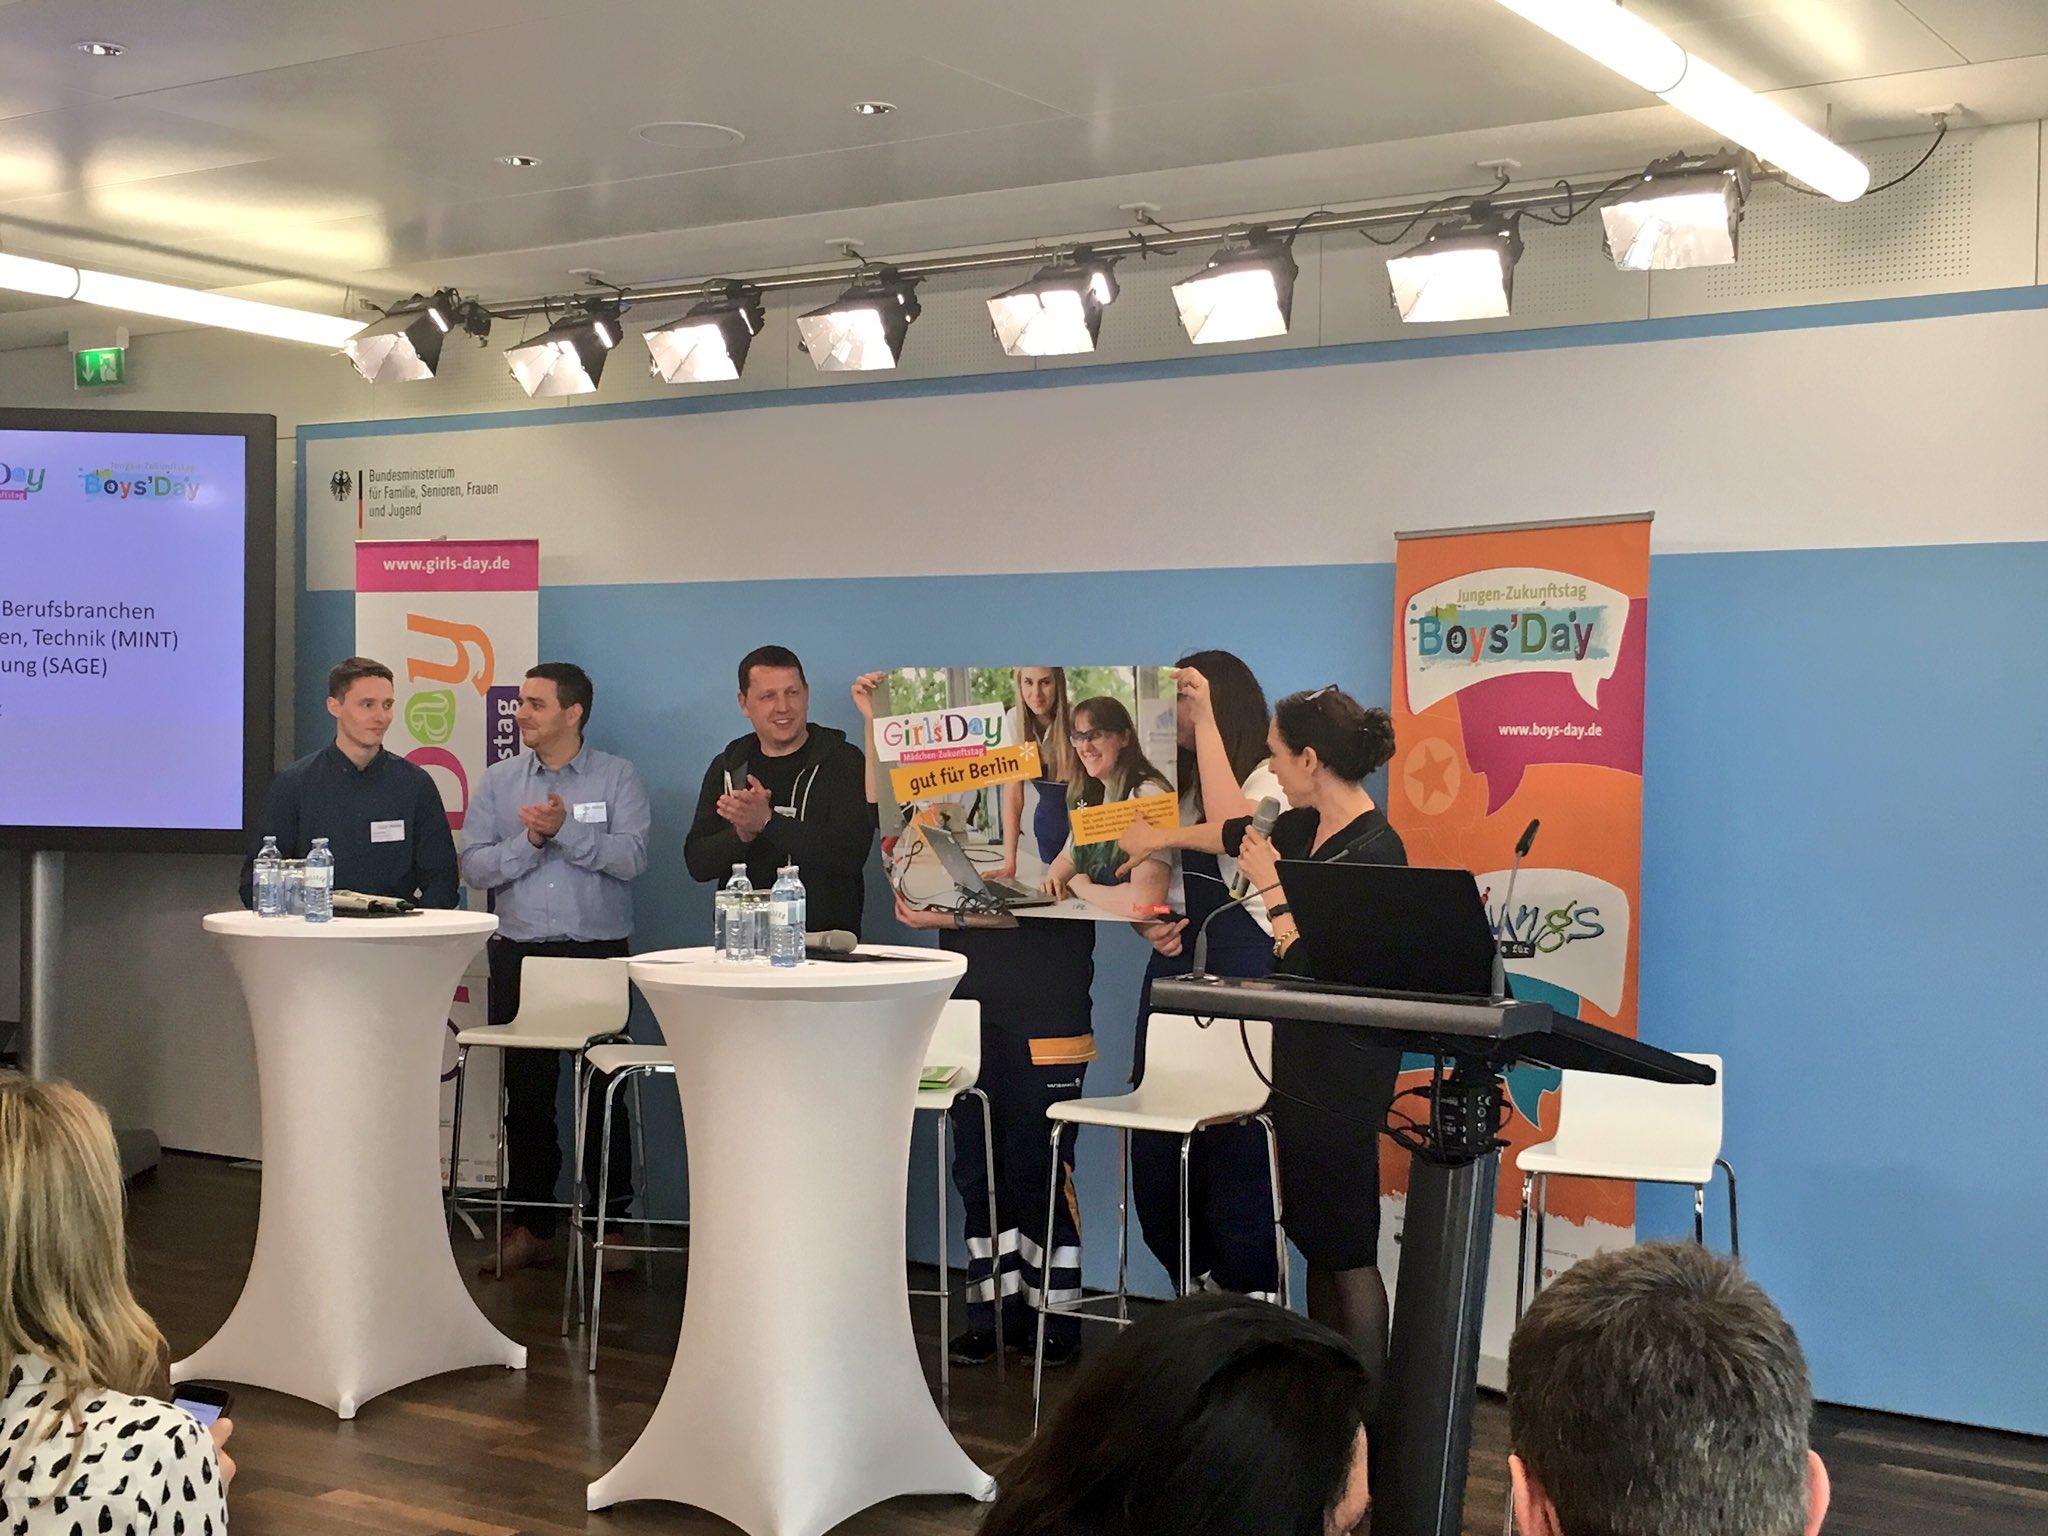 Berühmt in Berlin: Die Elektonikerinnen von @Vattenfall_De bei uns auf dem Podium #klischeefrei #girlsday https://t.co/ec4WMwNU8D